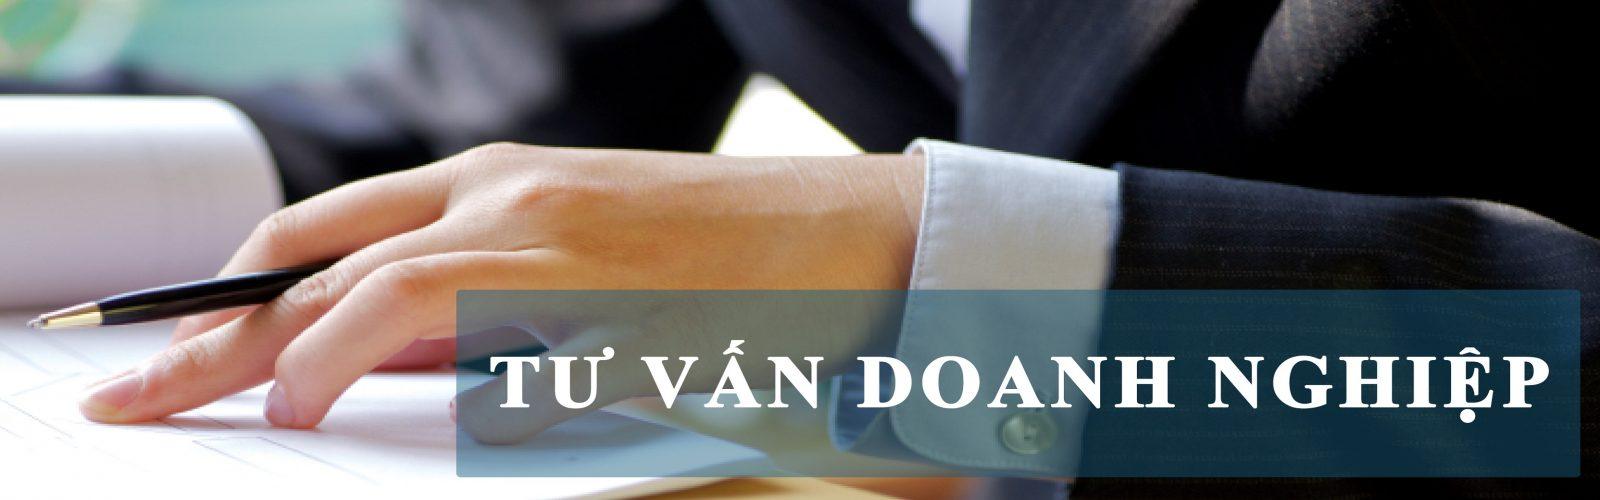 Thành lập doanh nghiệp Luật Tâm An